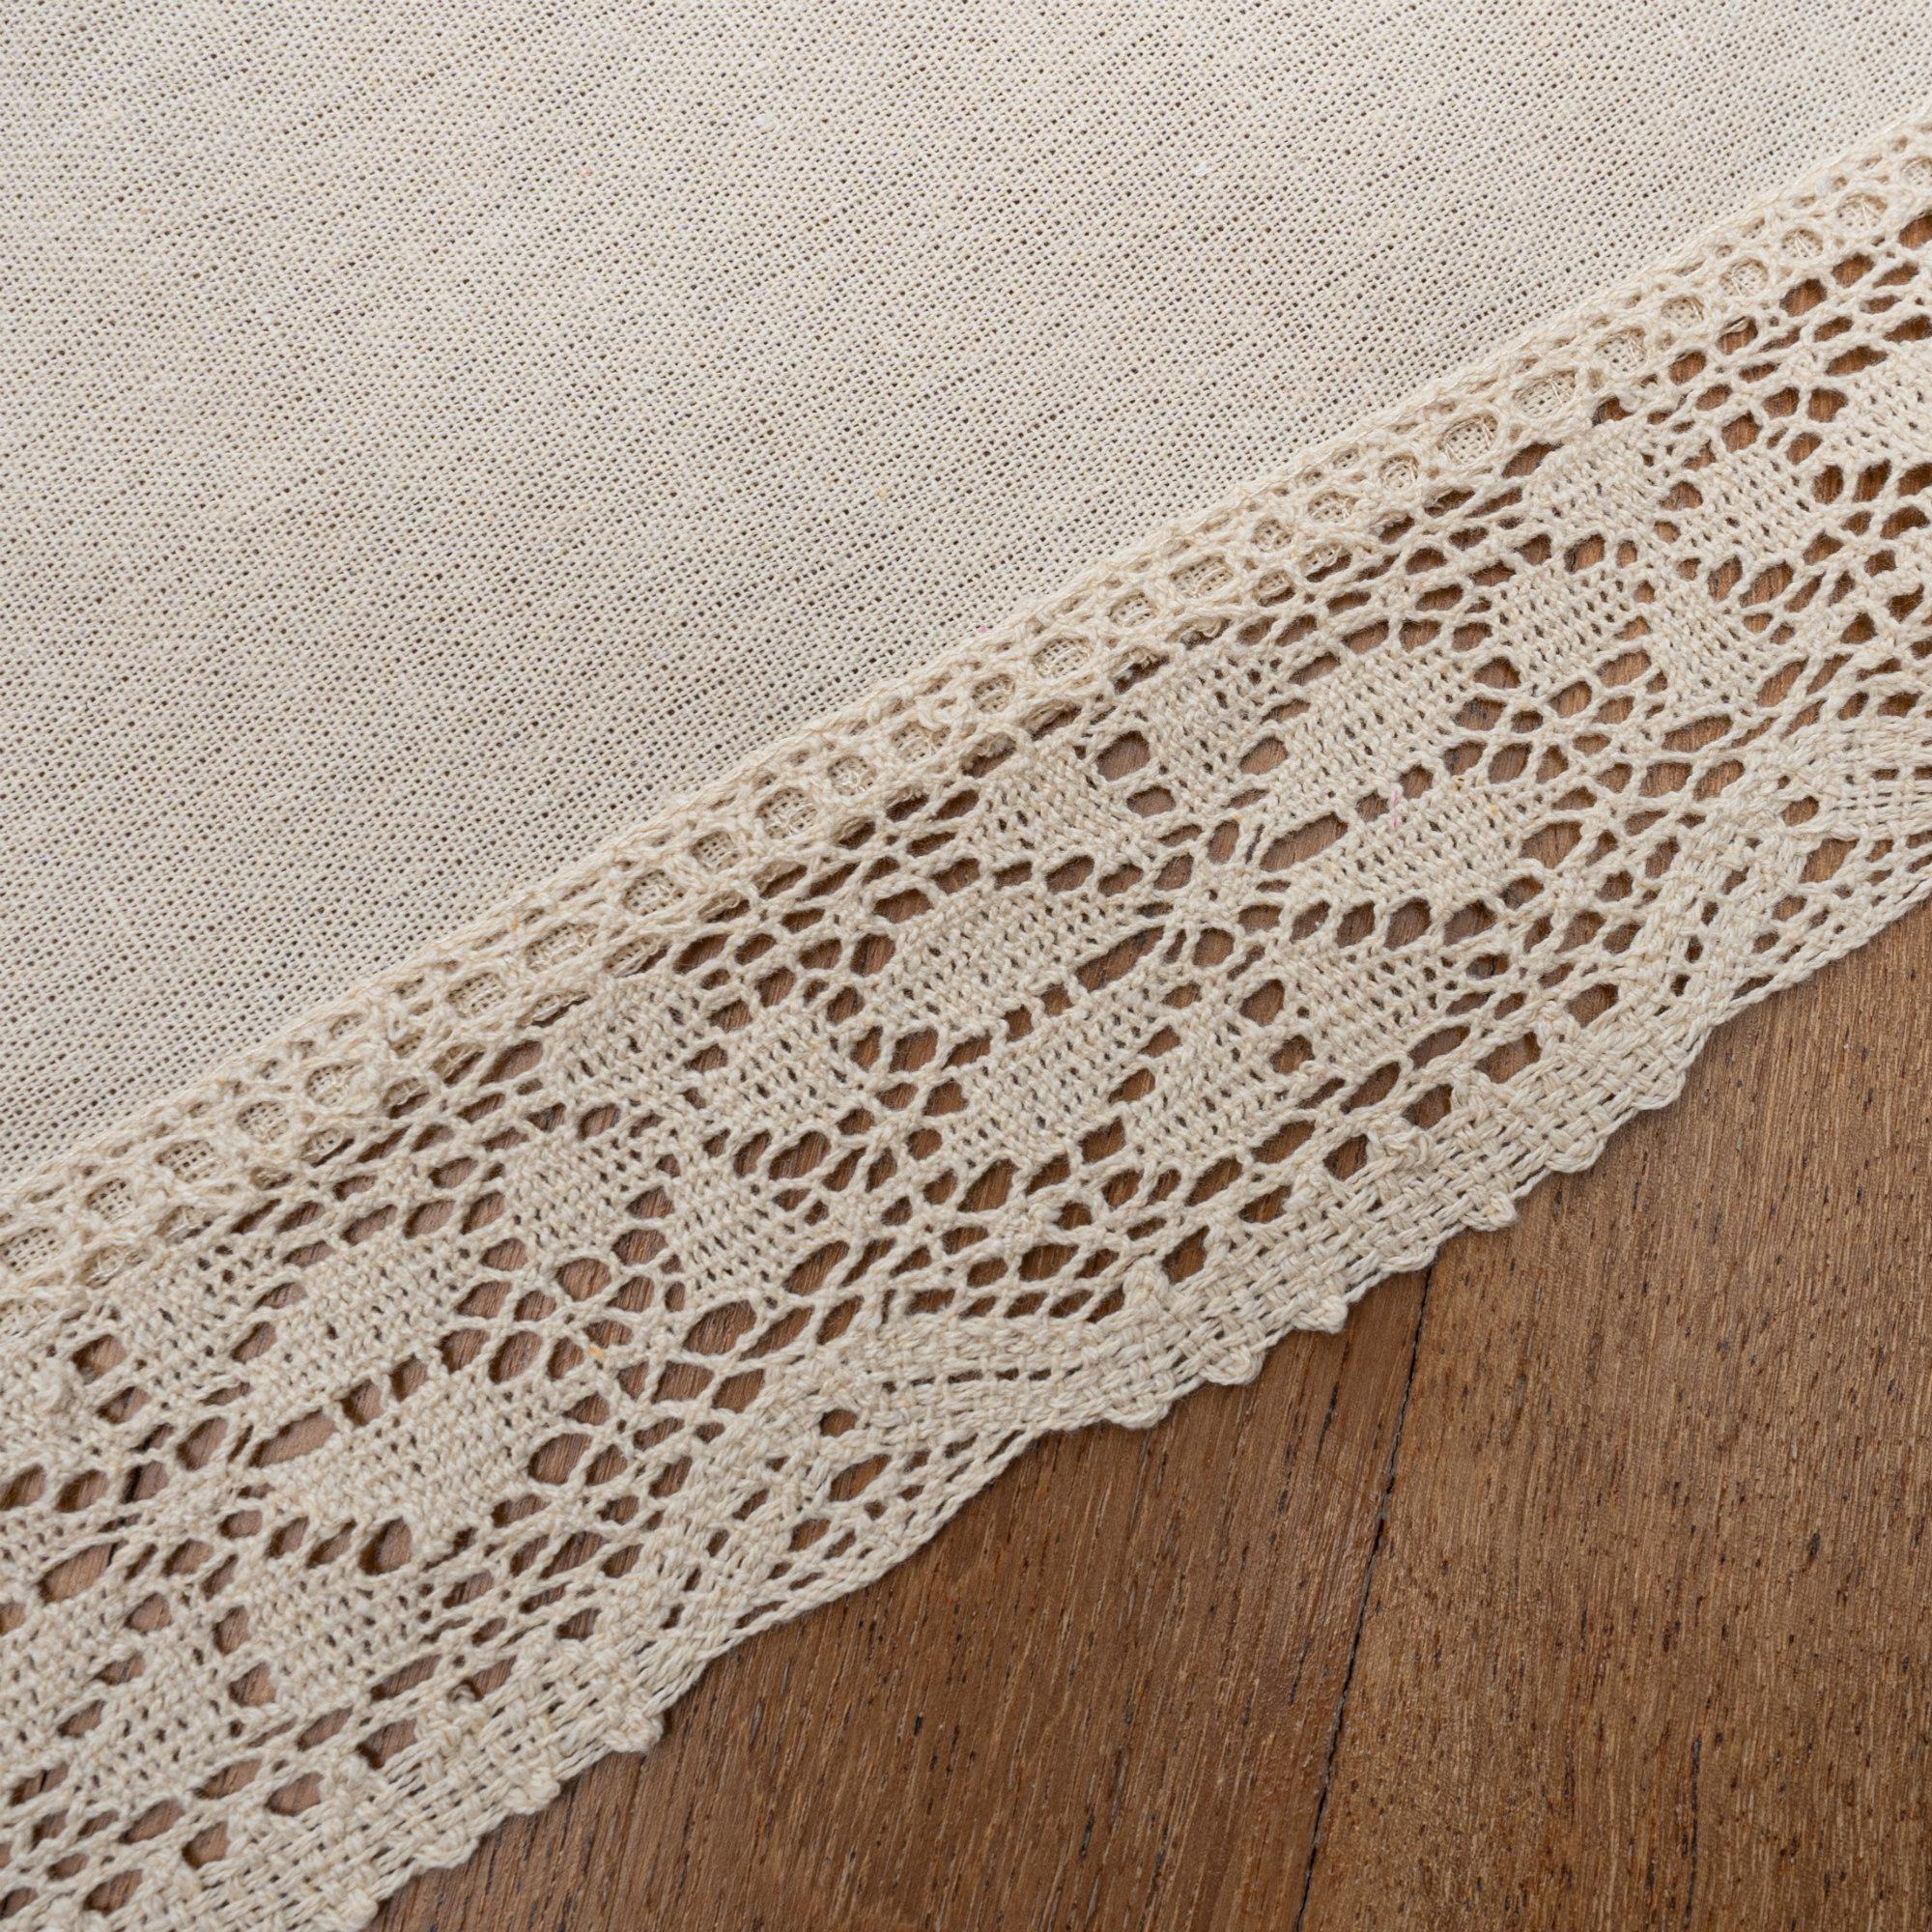 """Nostalgic Ecru Rectangle Placemats/Table Mats With 6cm Cotton Crochet Lace Edges. Polycotton 30x45cm/12x18""""(Ecru)"""